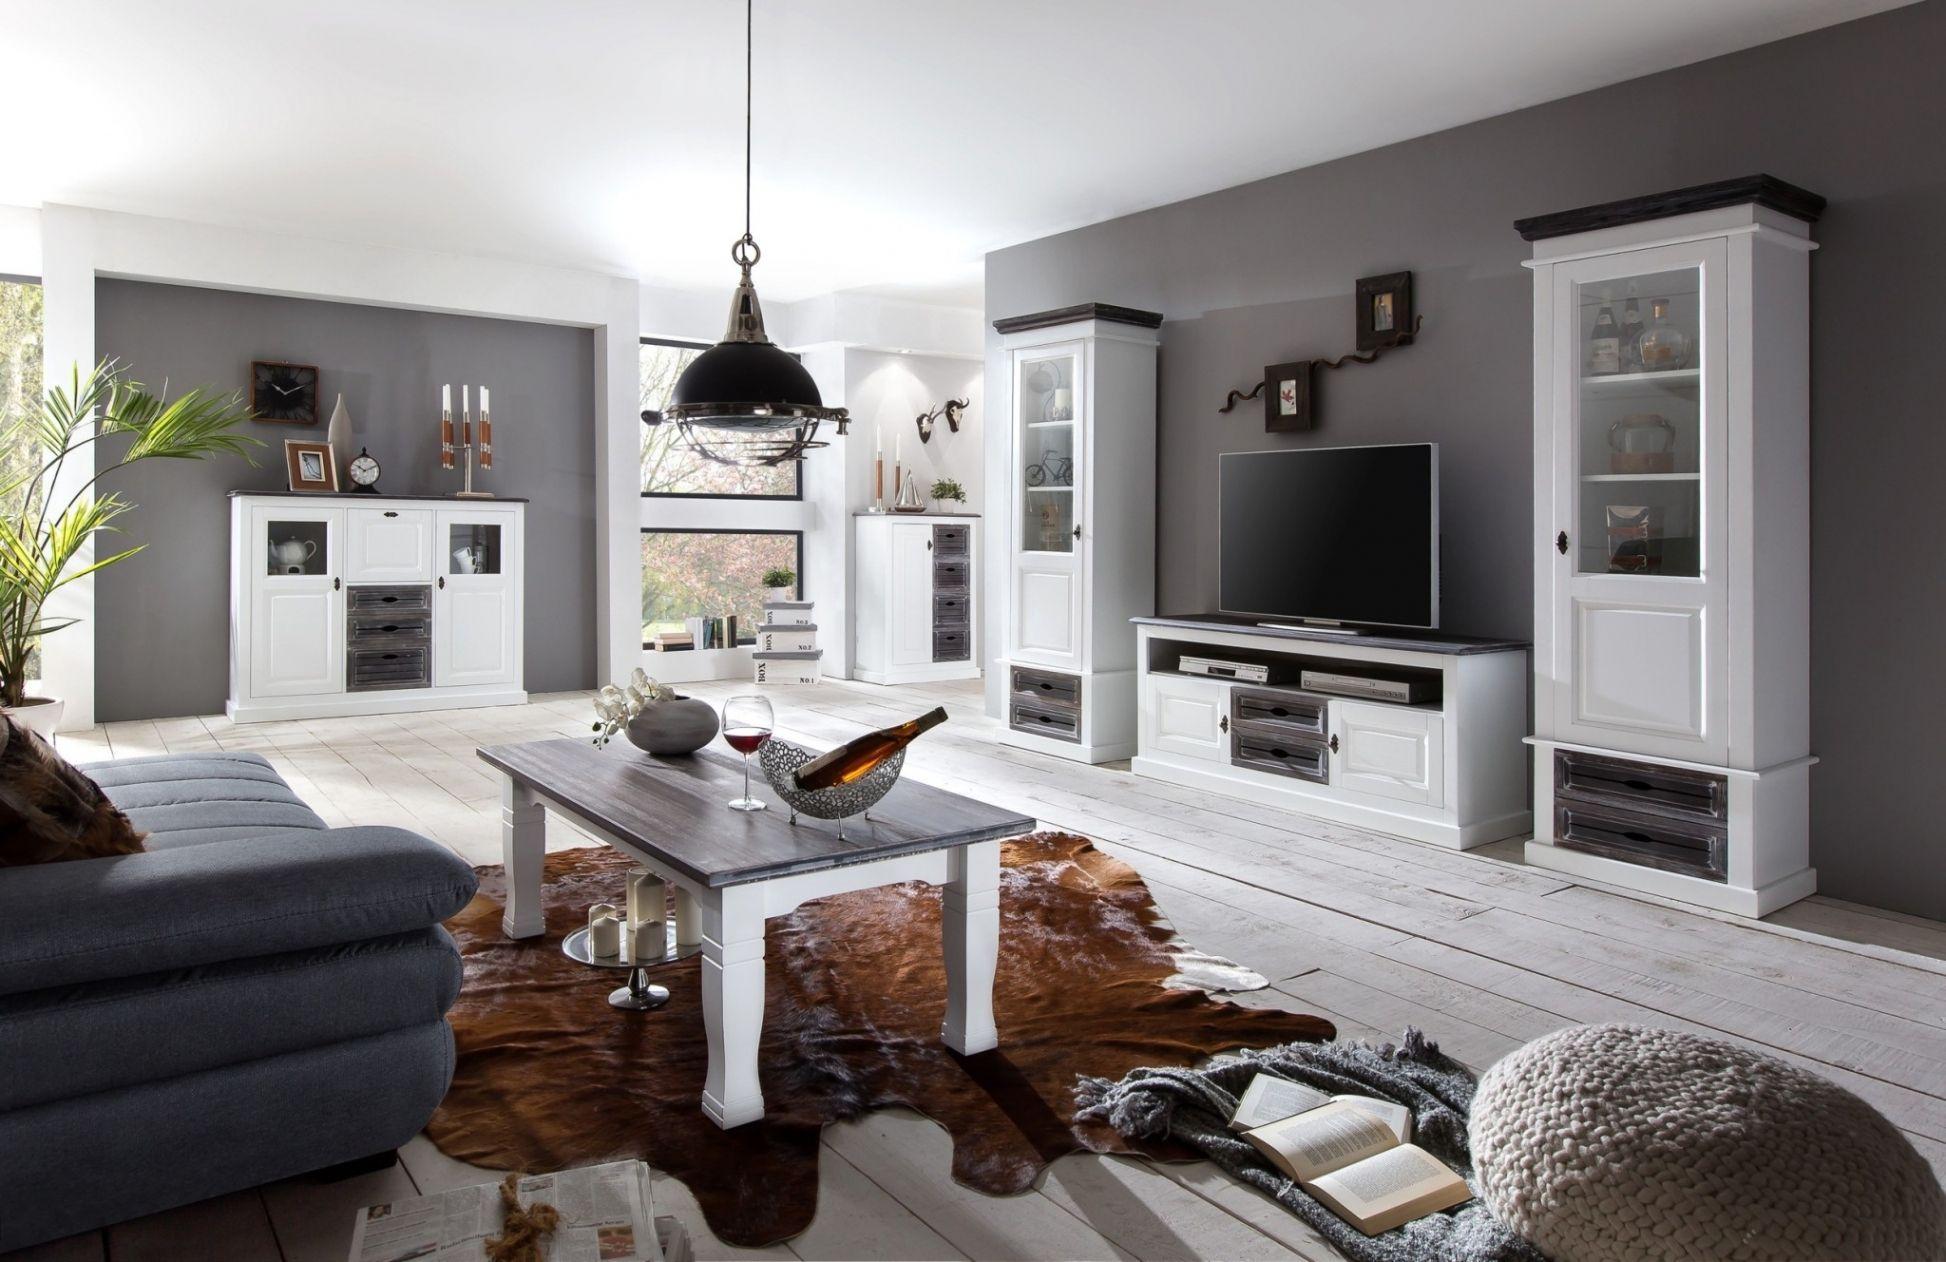 Perfekt Elegant Wohnzimmer Ideen Vintage